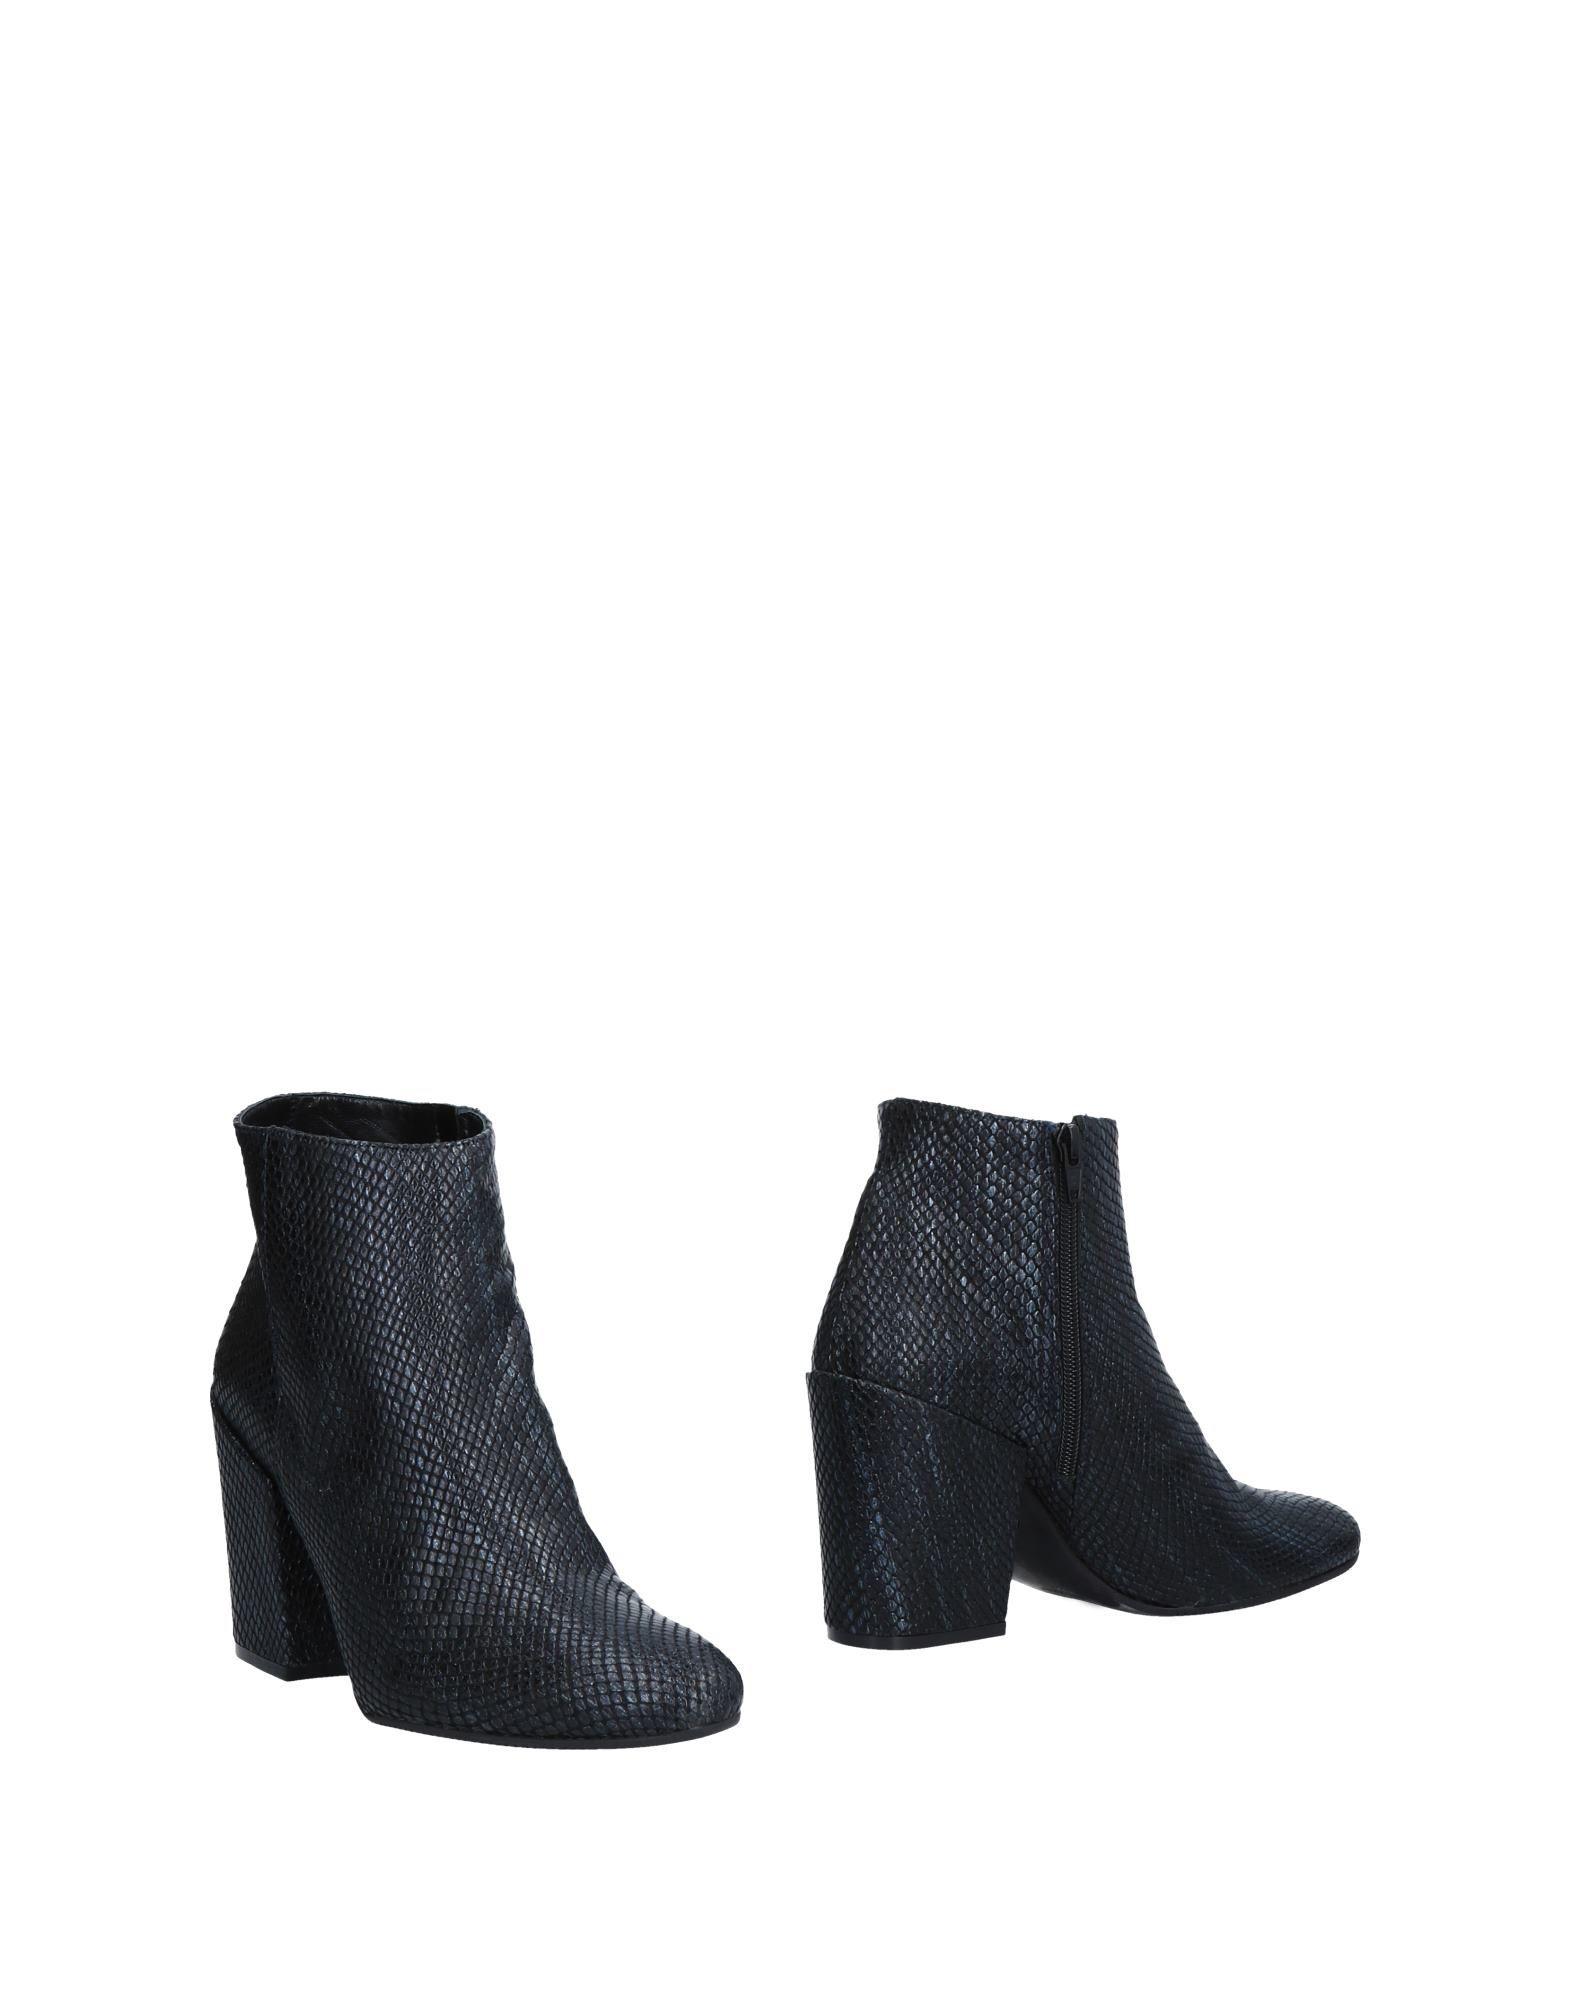 Bruschi Stiefelette Damen  11485897KD 11485897KD 11485897KD Gute Qualität beliebte Schuhe f2ef5b